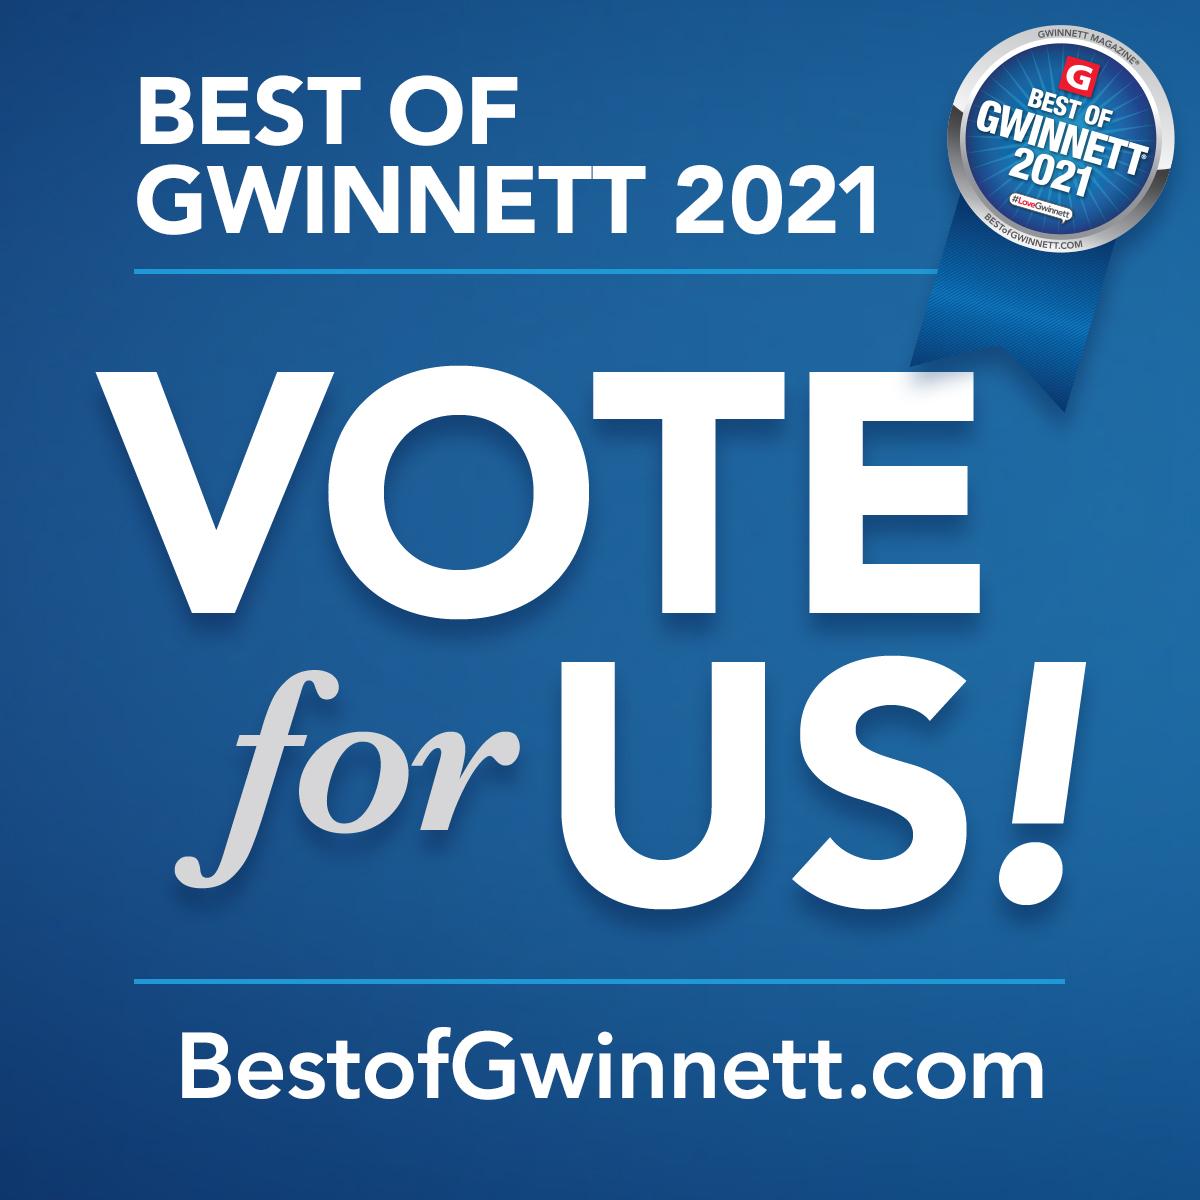 2021 Best of Gwinnett Campaign Kit Instagram